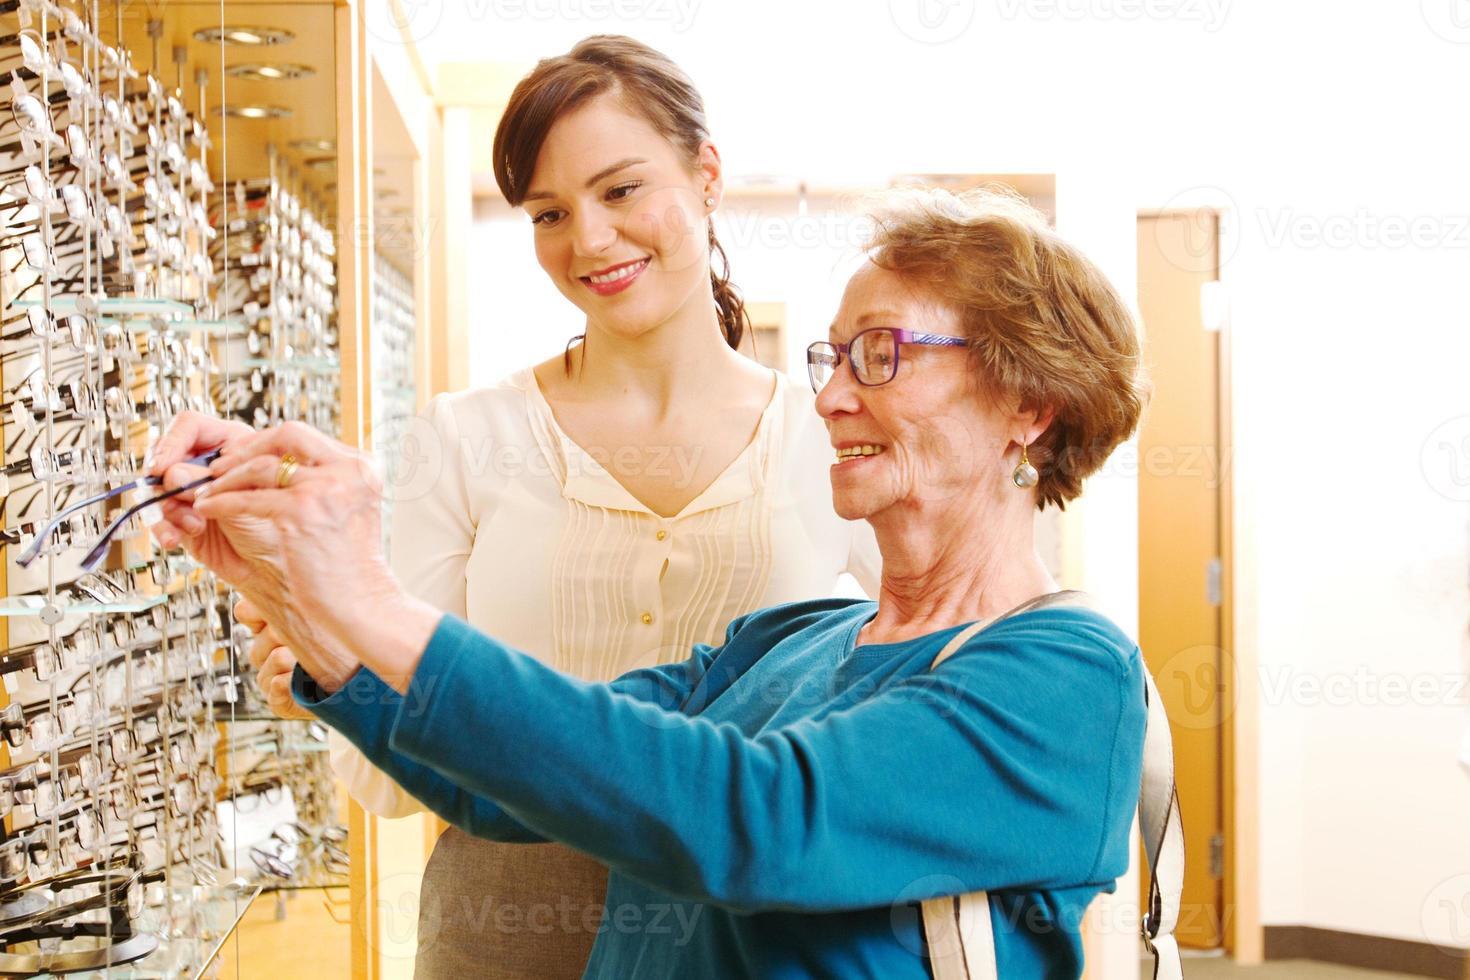 opticien die oudere dame met een bril bijstaat foto